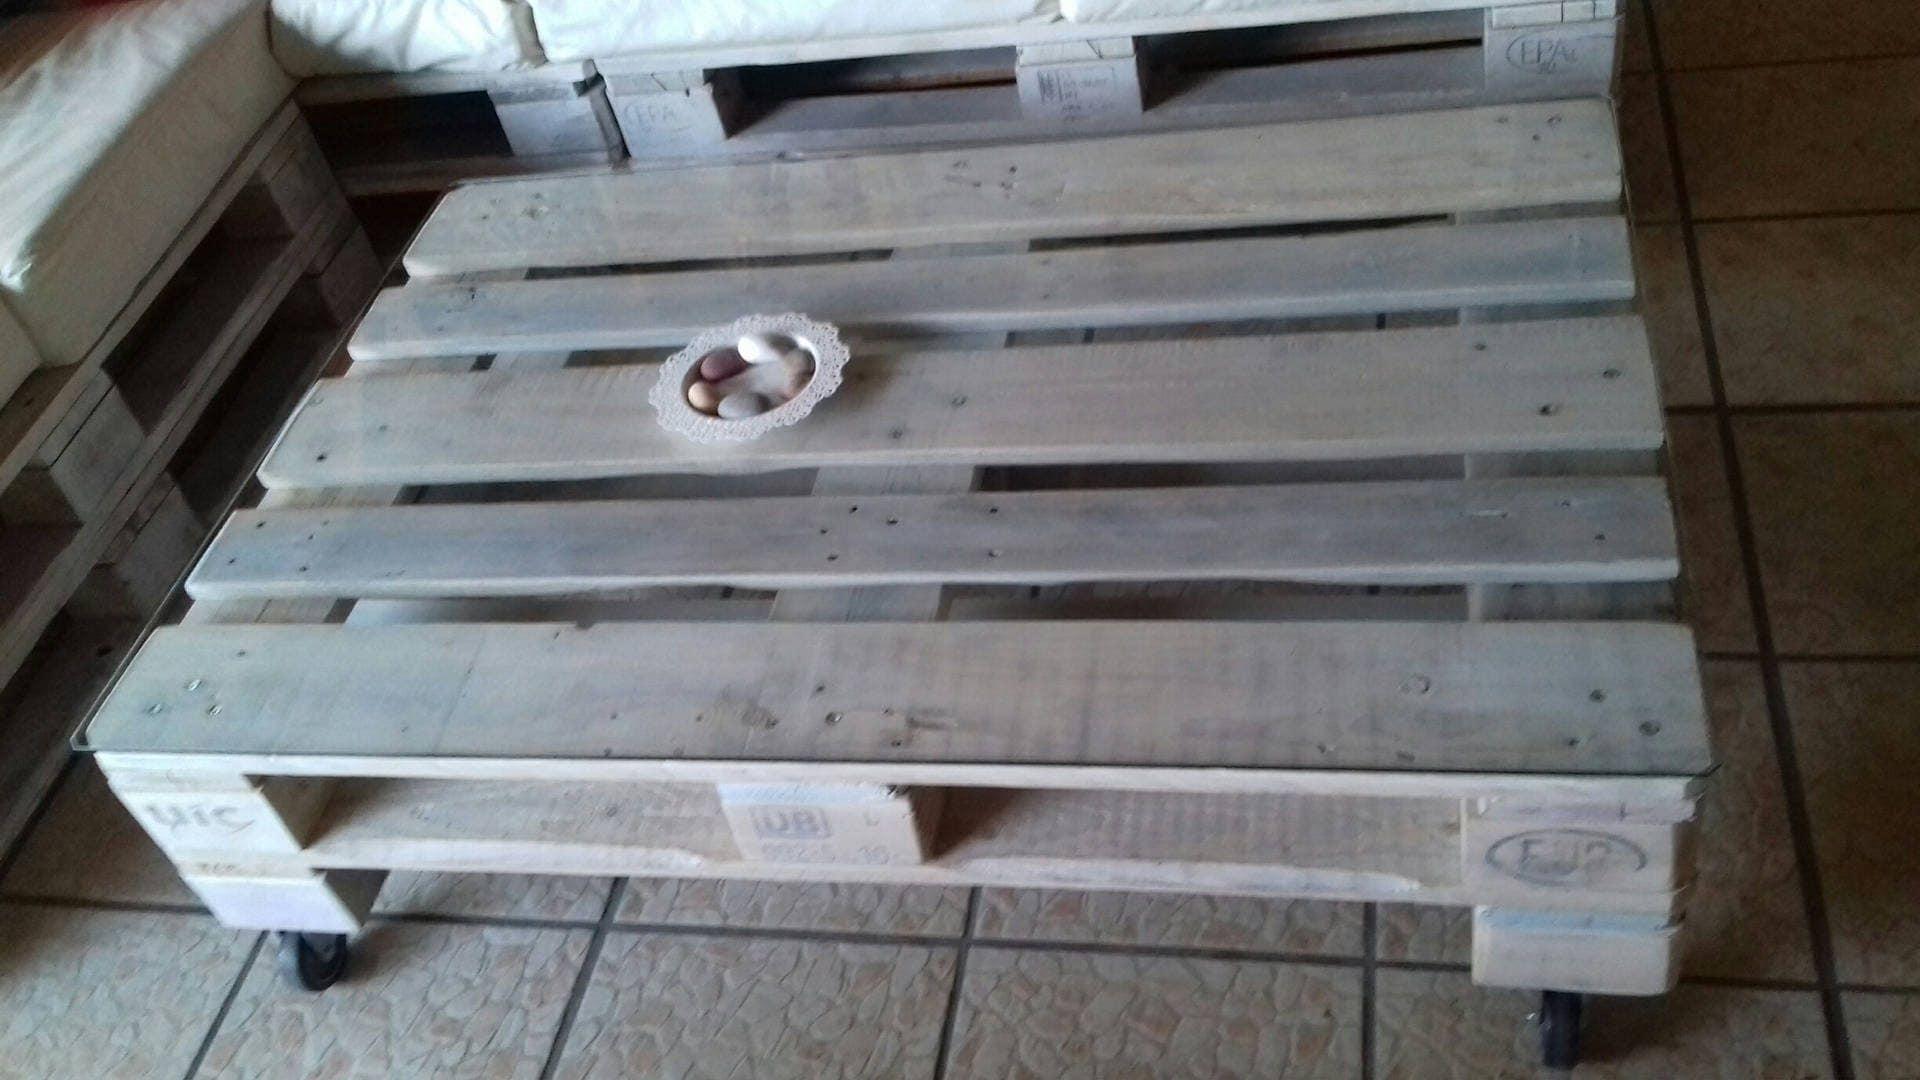 Table basse en bois de palette europe sur roue pivotante - Table basse en palette europe ...